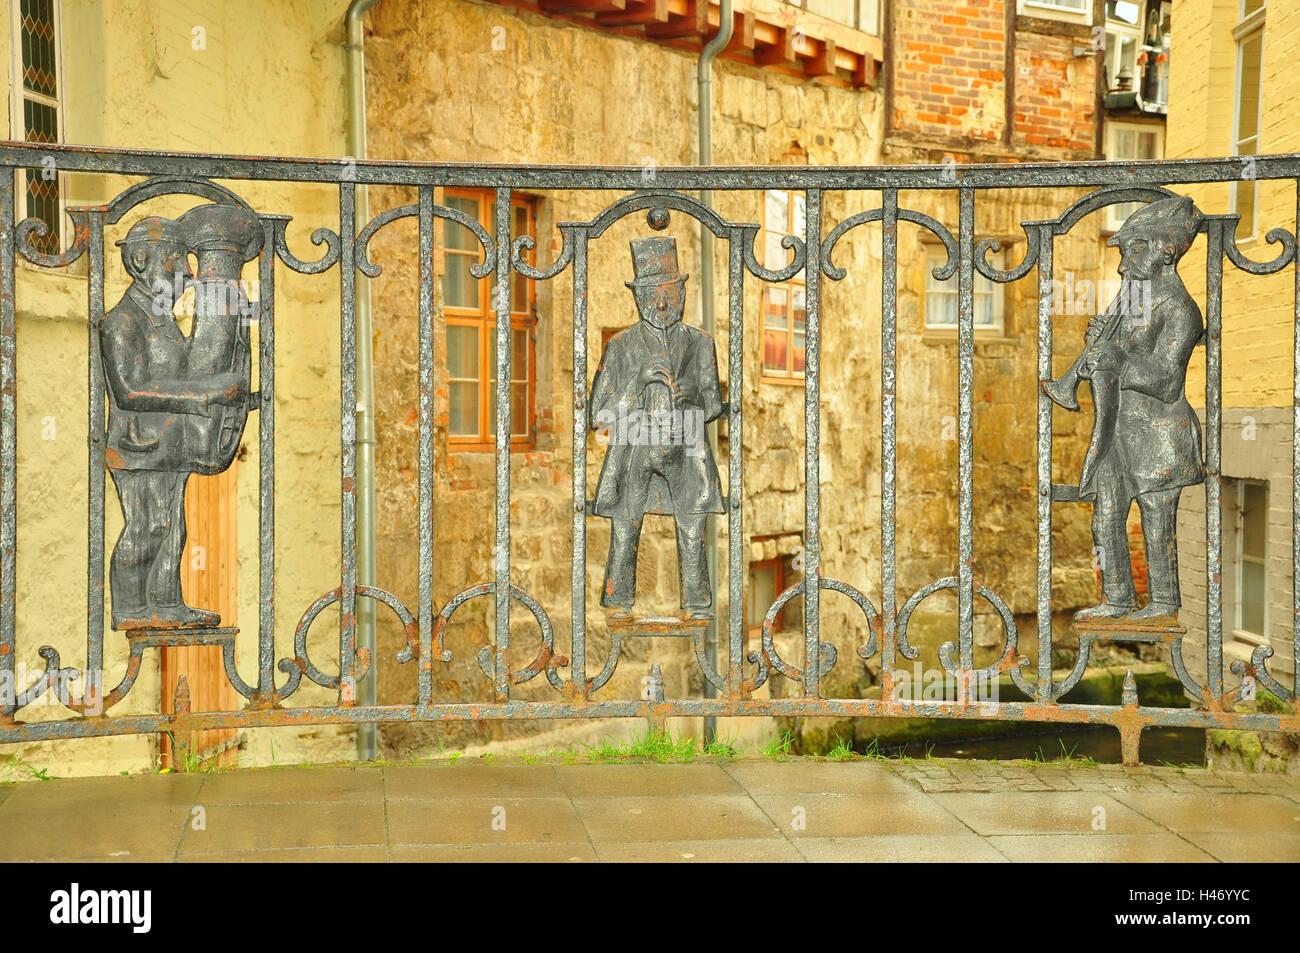 Wrought Iron Balustrade Stock Photos & Wrought Iron Balustrade Stock ...